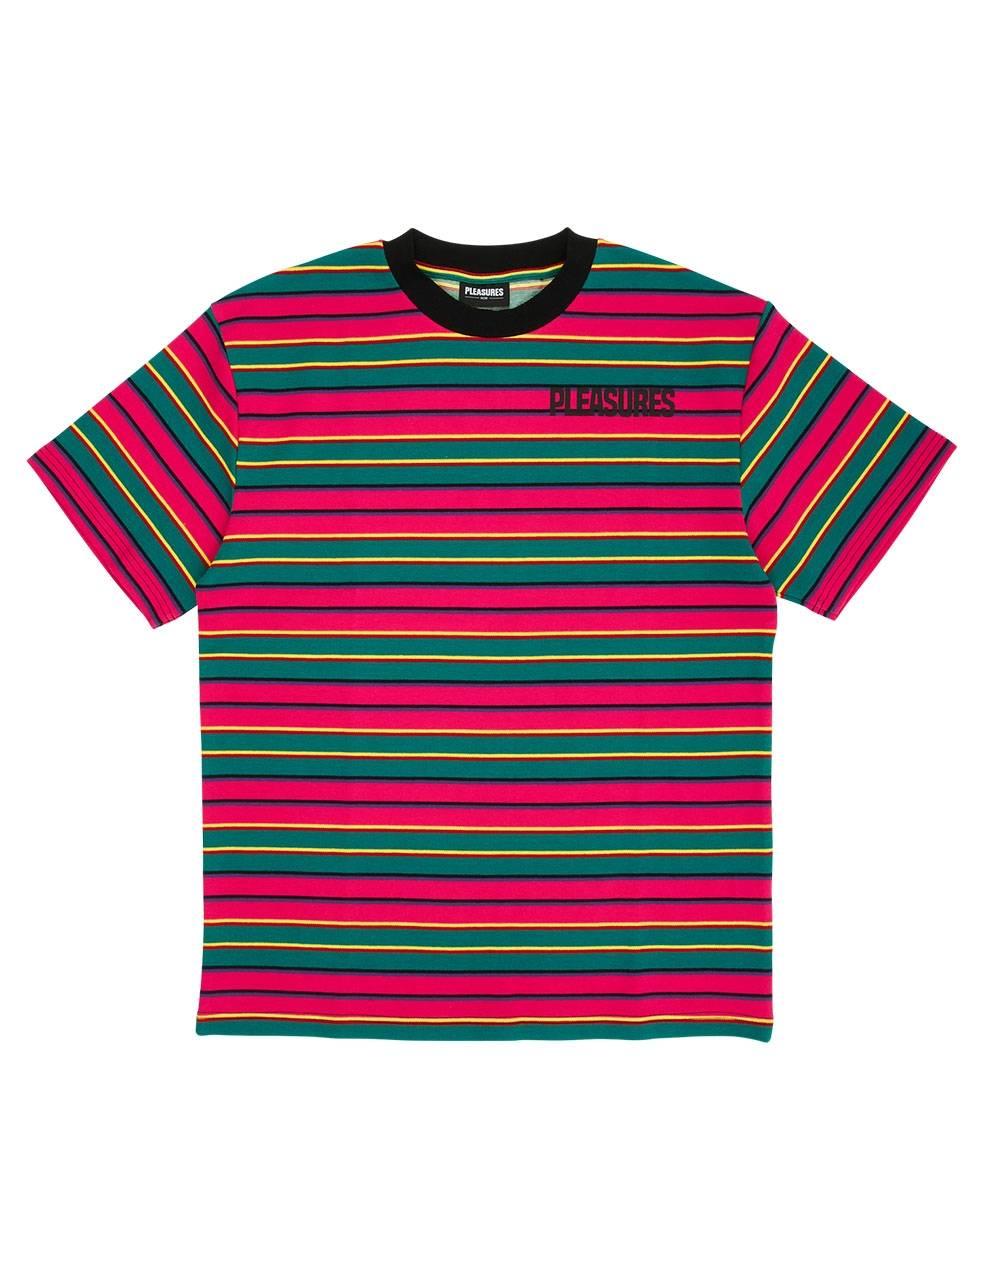 Pleasures Outlier stripe t-shirt - pink Pleasures T-shirt 70,00€